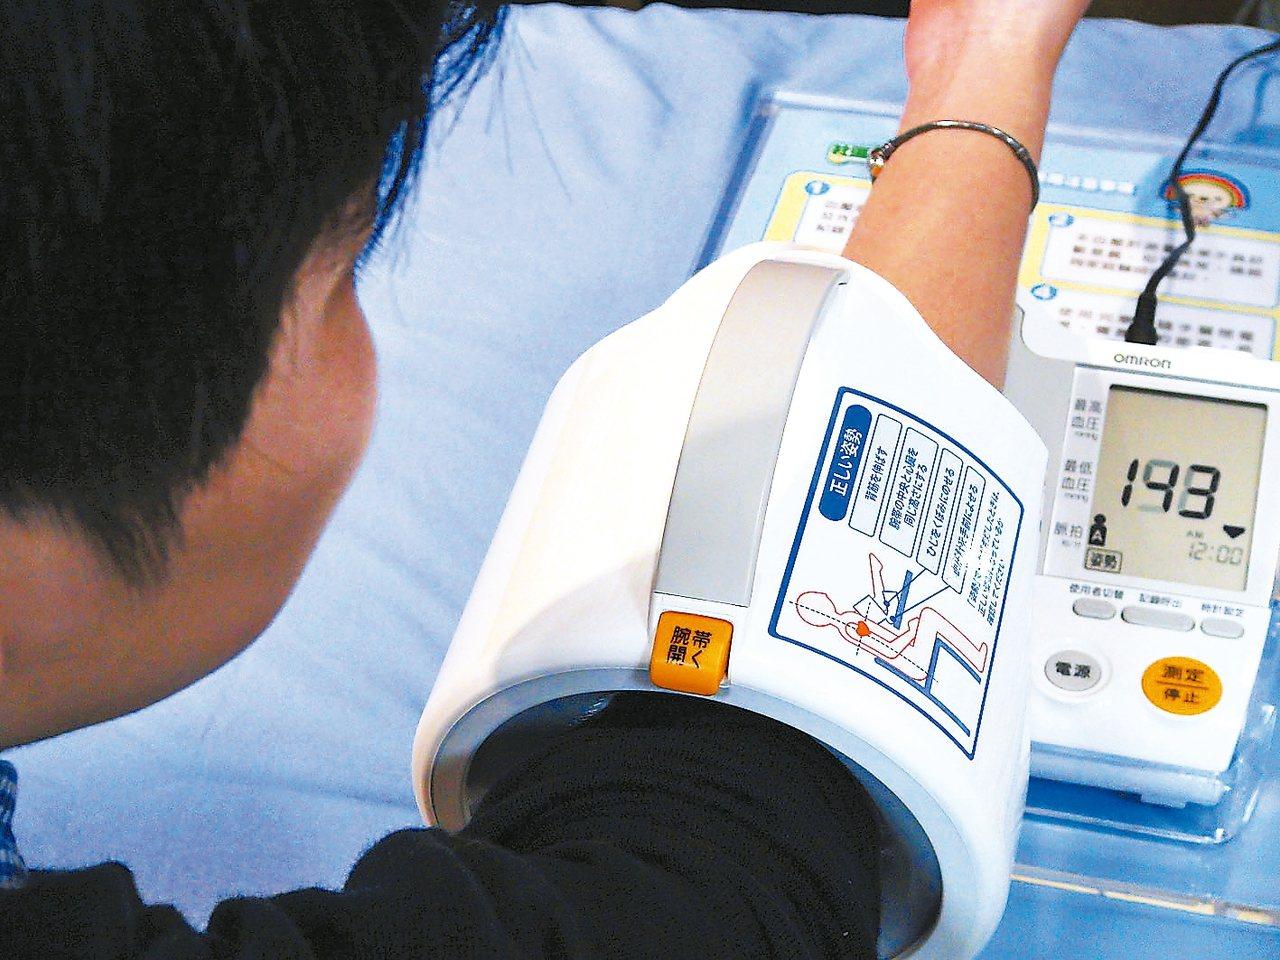 美國心臟學會十三日修改高血壓定義,表示血壓升至收縮壓一三○/舒張壓八○毫米汞柱就...